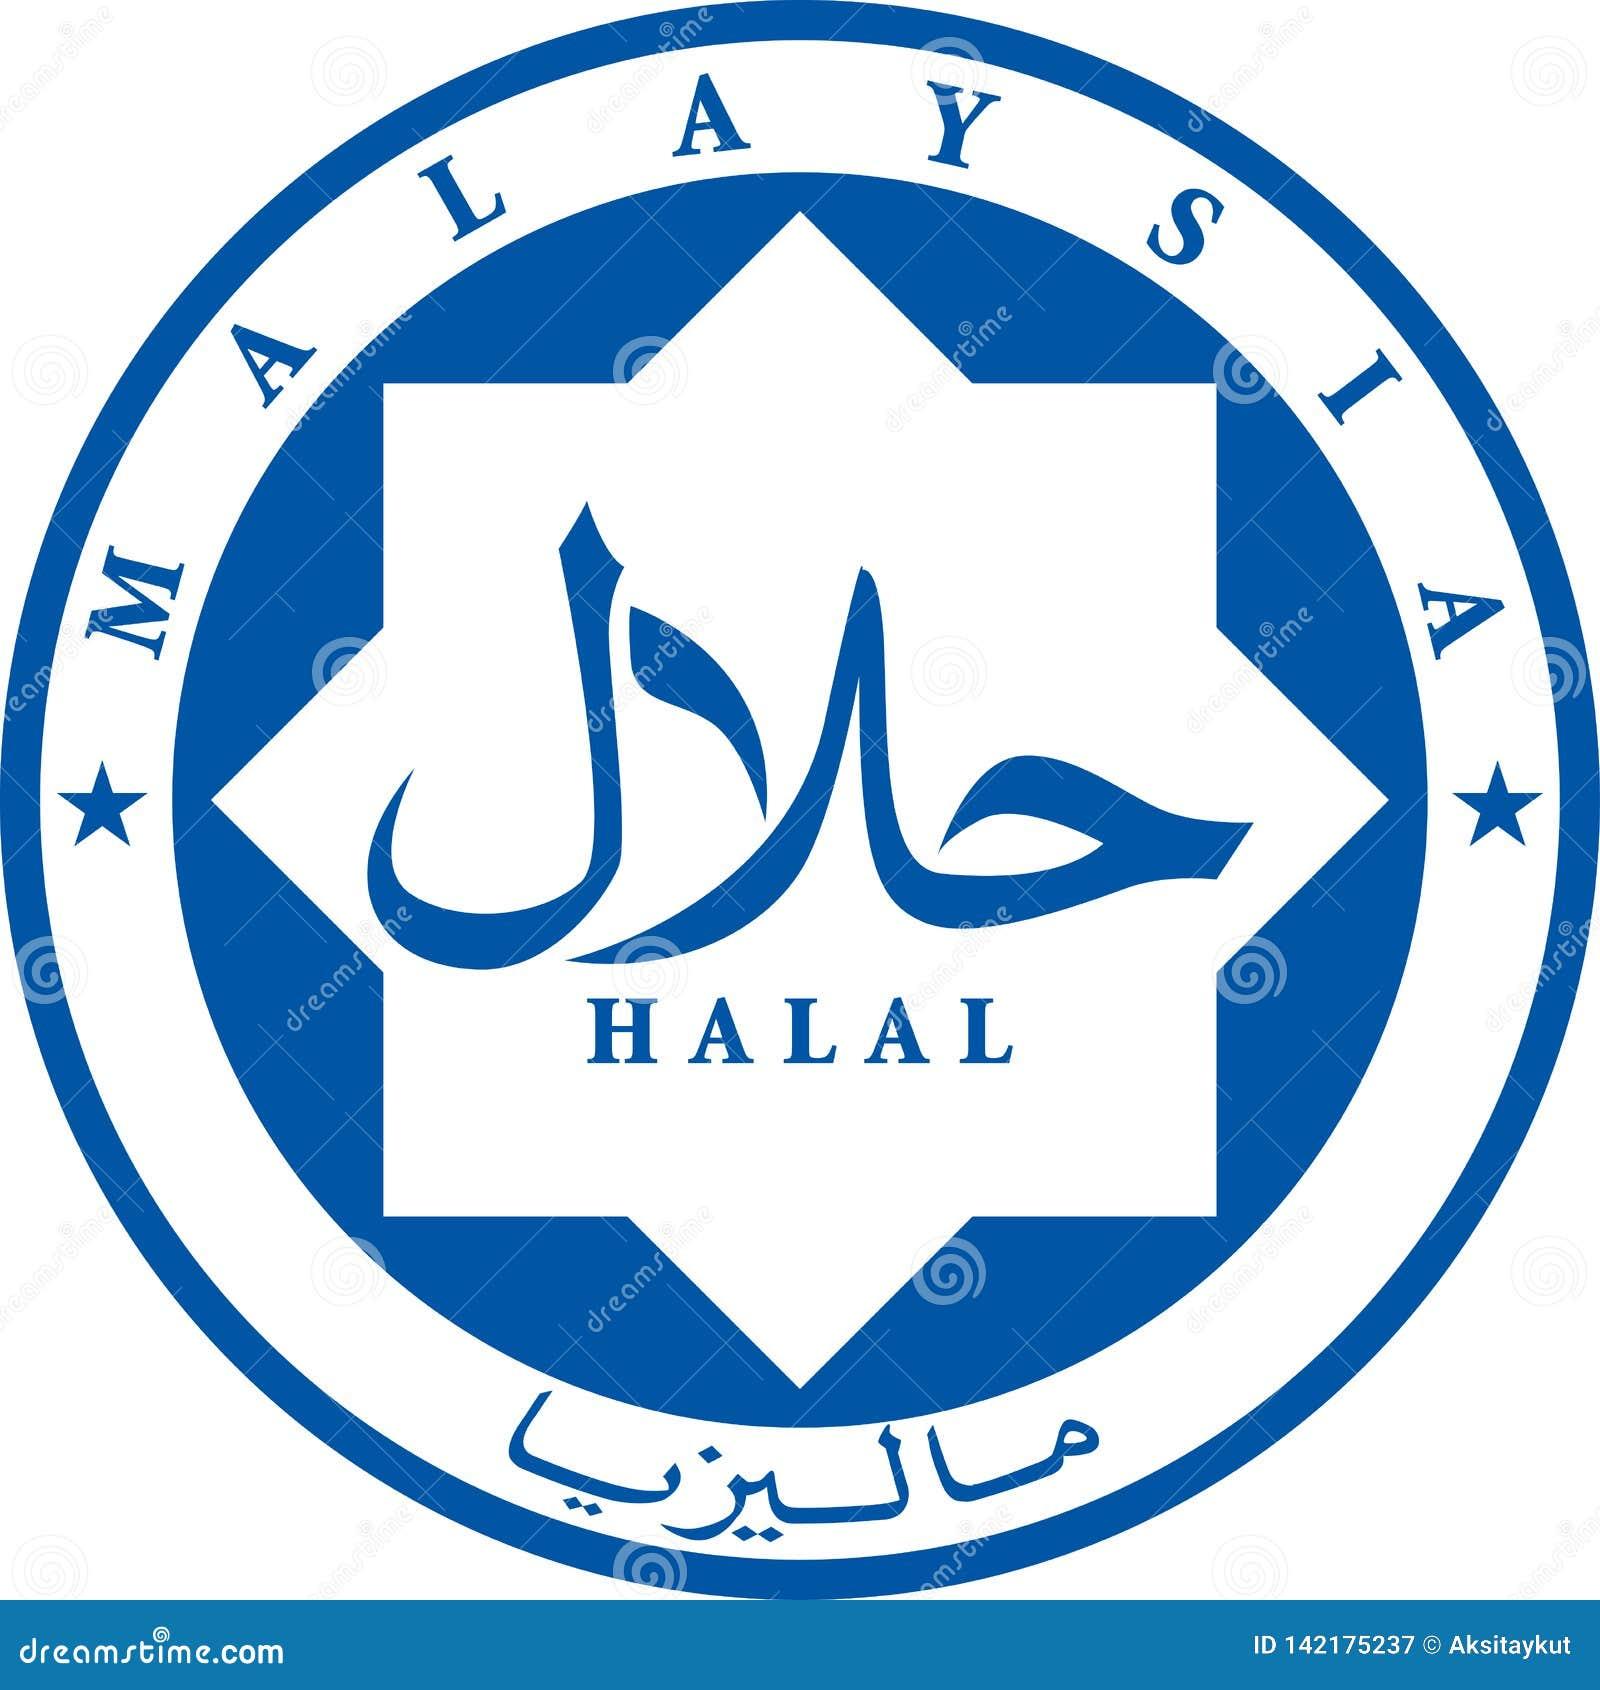 Malaysia Halal symbolslogo